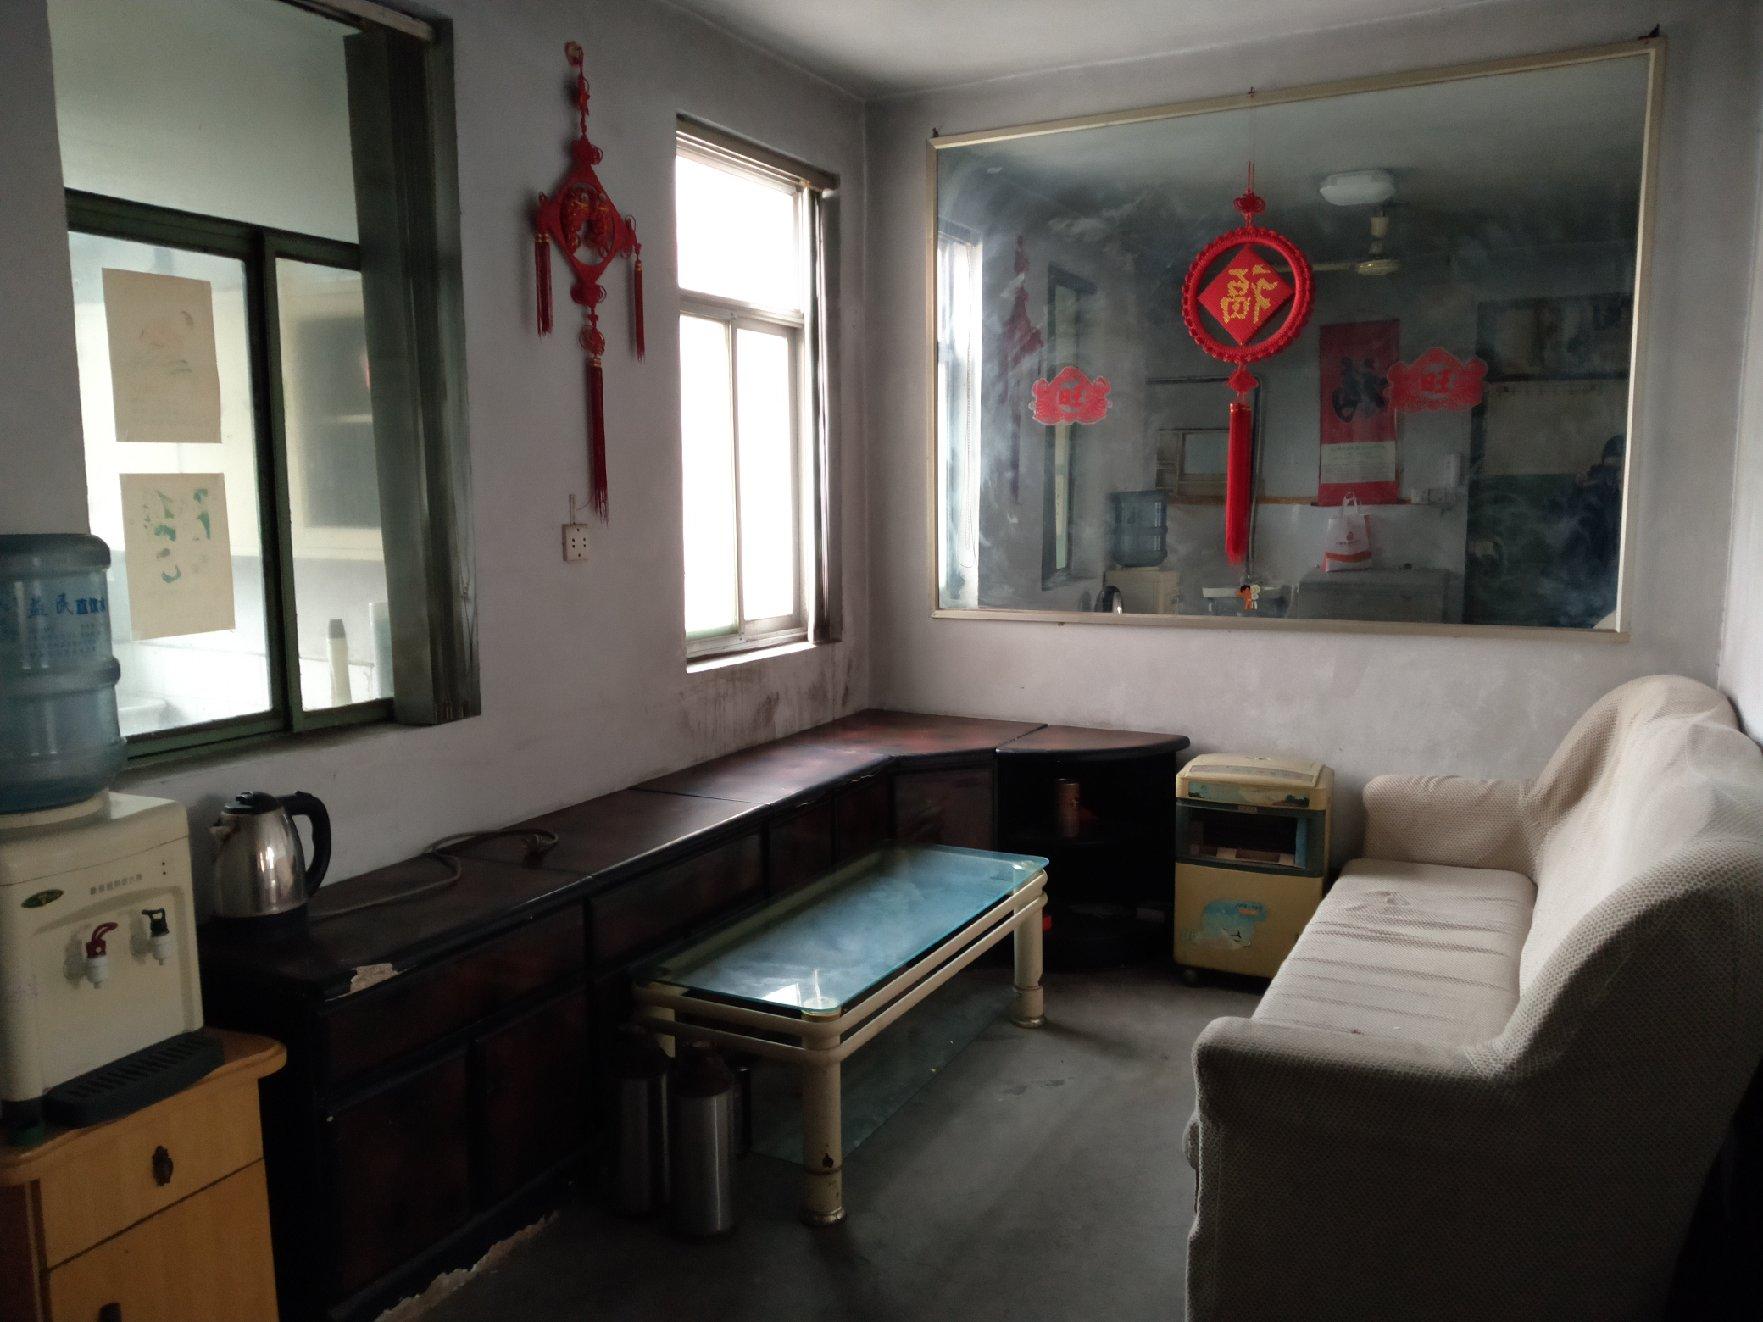 学区房,两间卧室均安空调,衣橱、沙发、床铺家具一应俱全。